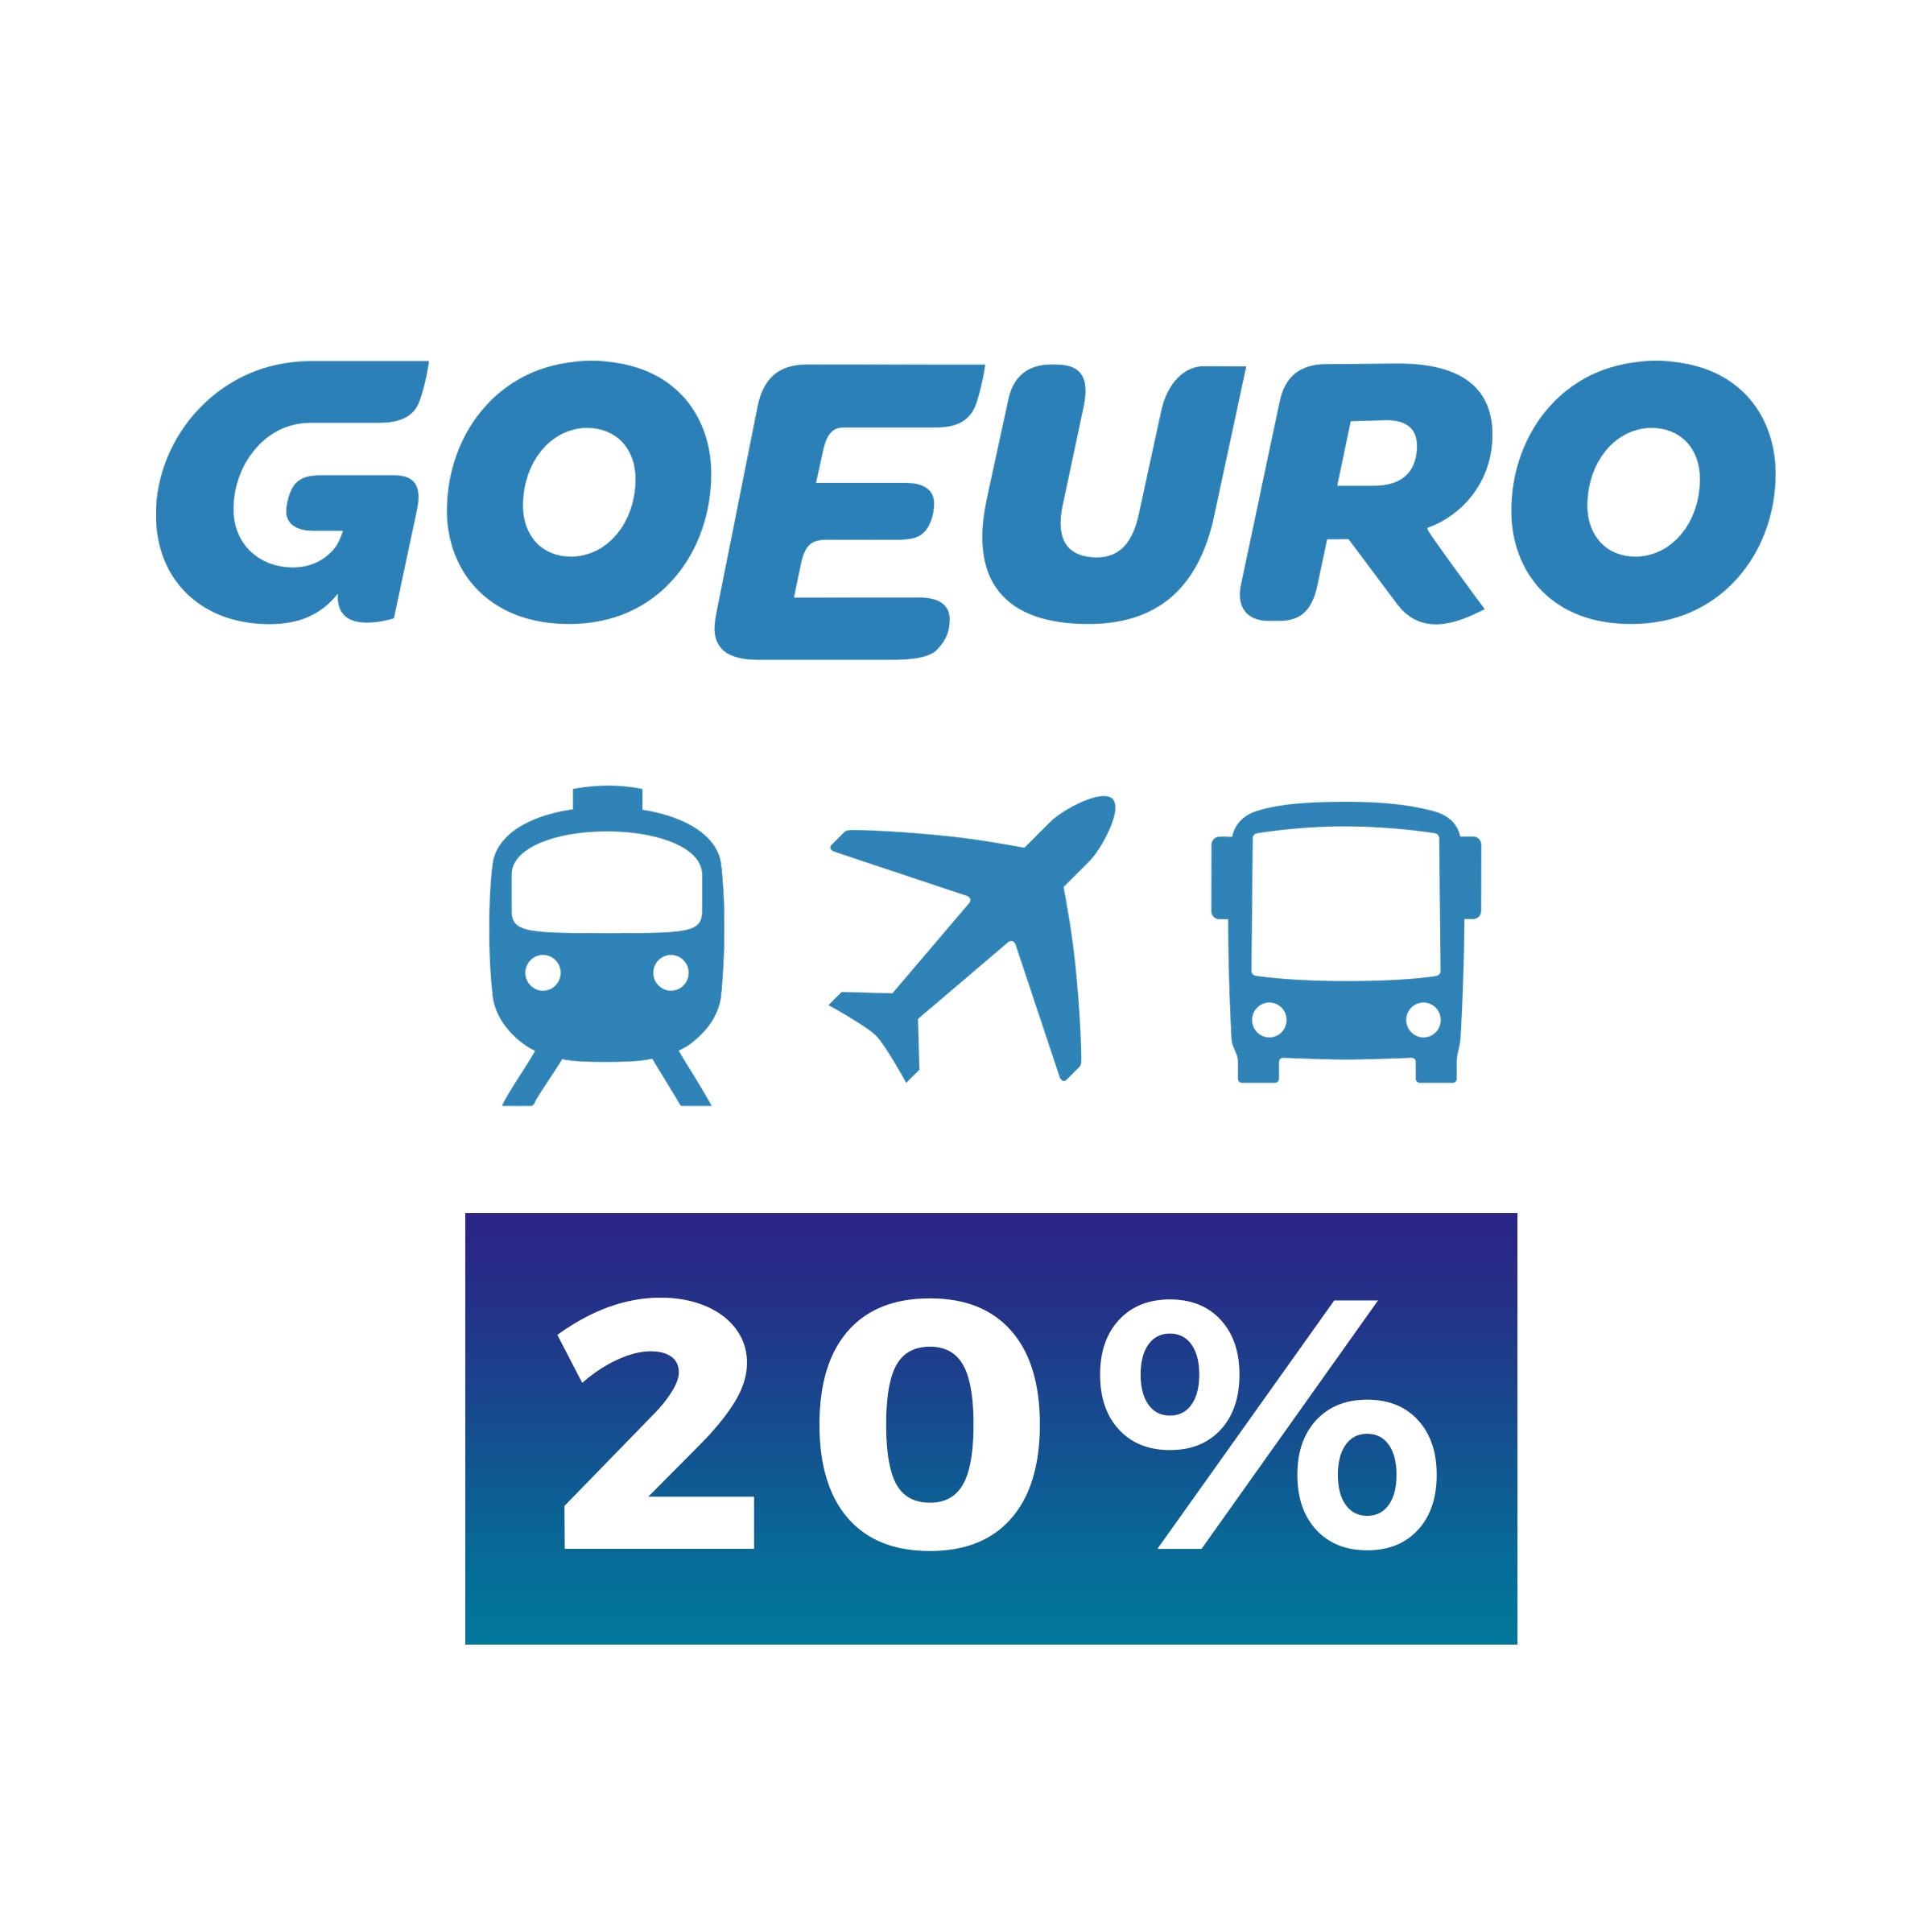 20% de descuento en Trenes, Vuelos y Autobuses! (Todo el Mundo) (Renfe, Iberia, AirEuropa, Alsa...)